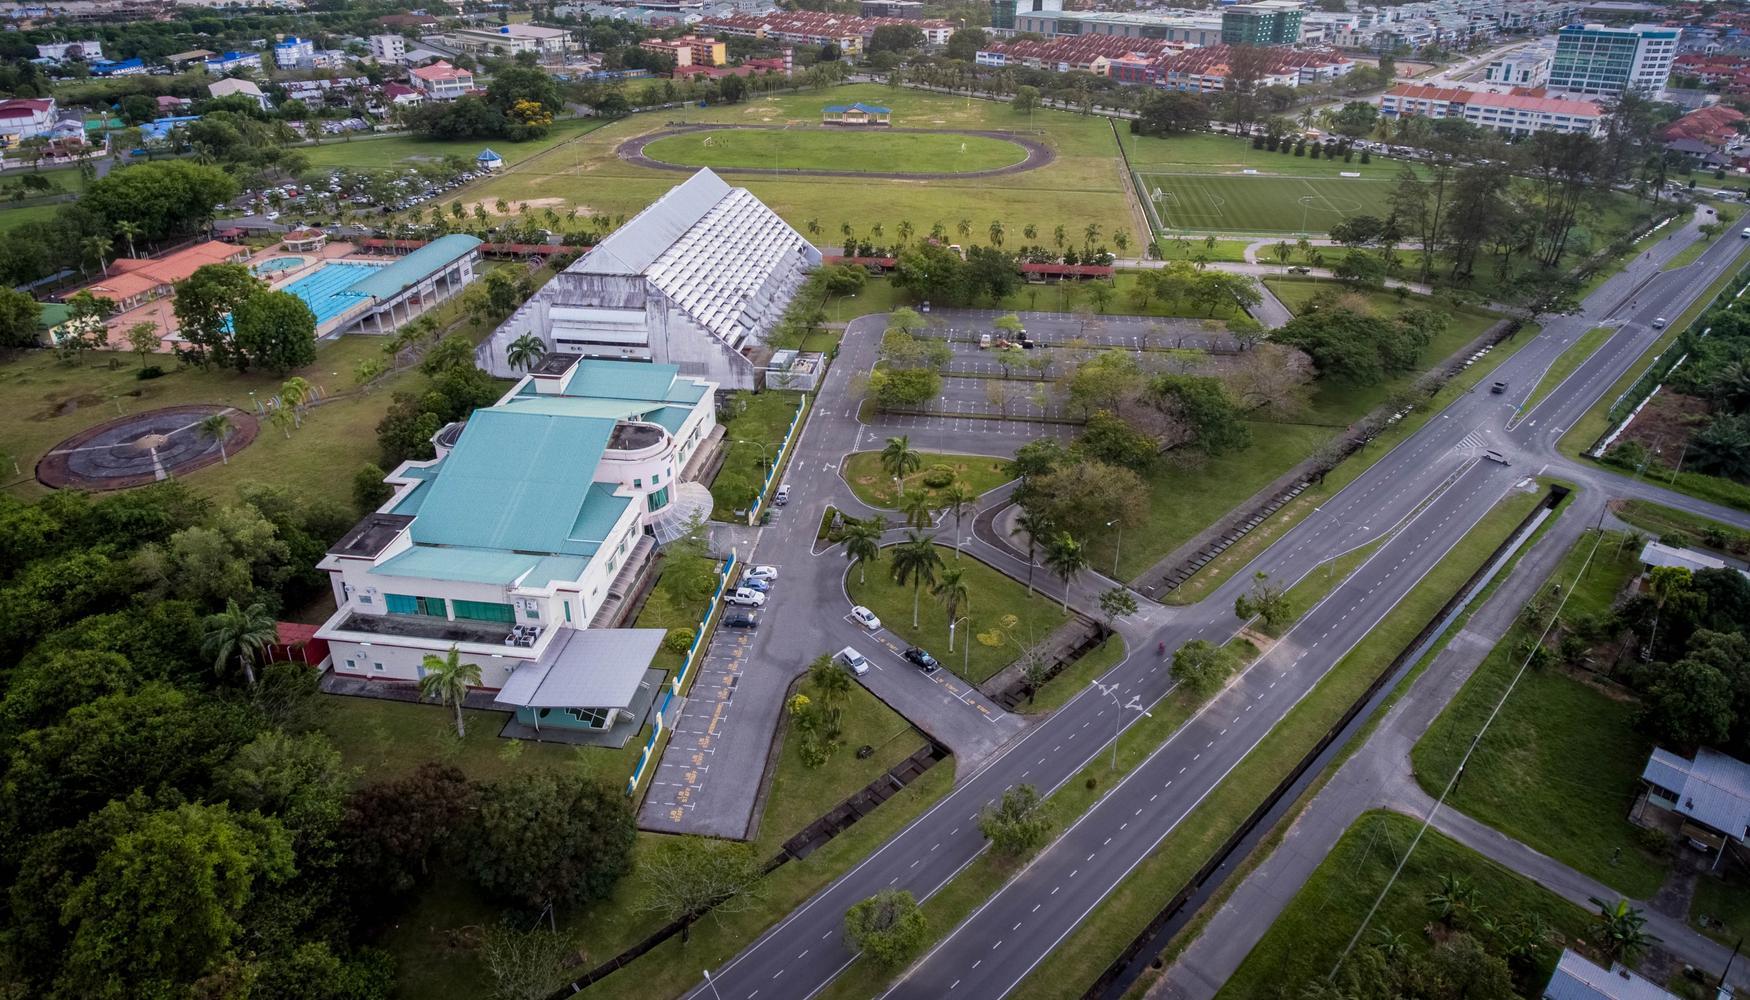 Alquiler de coches en Aeropuerto Bintulu